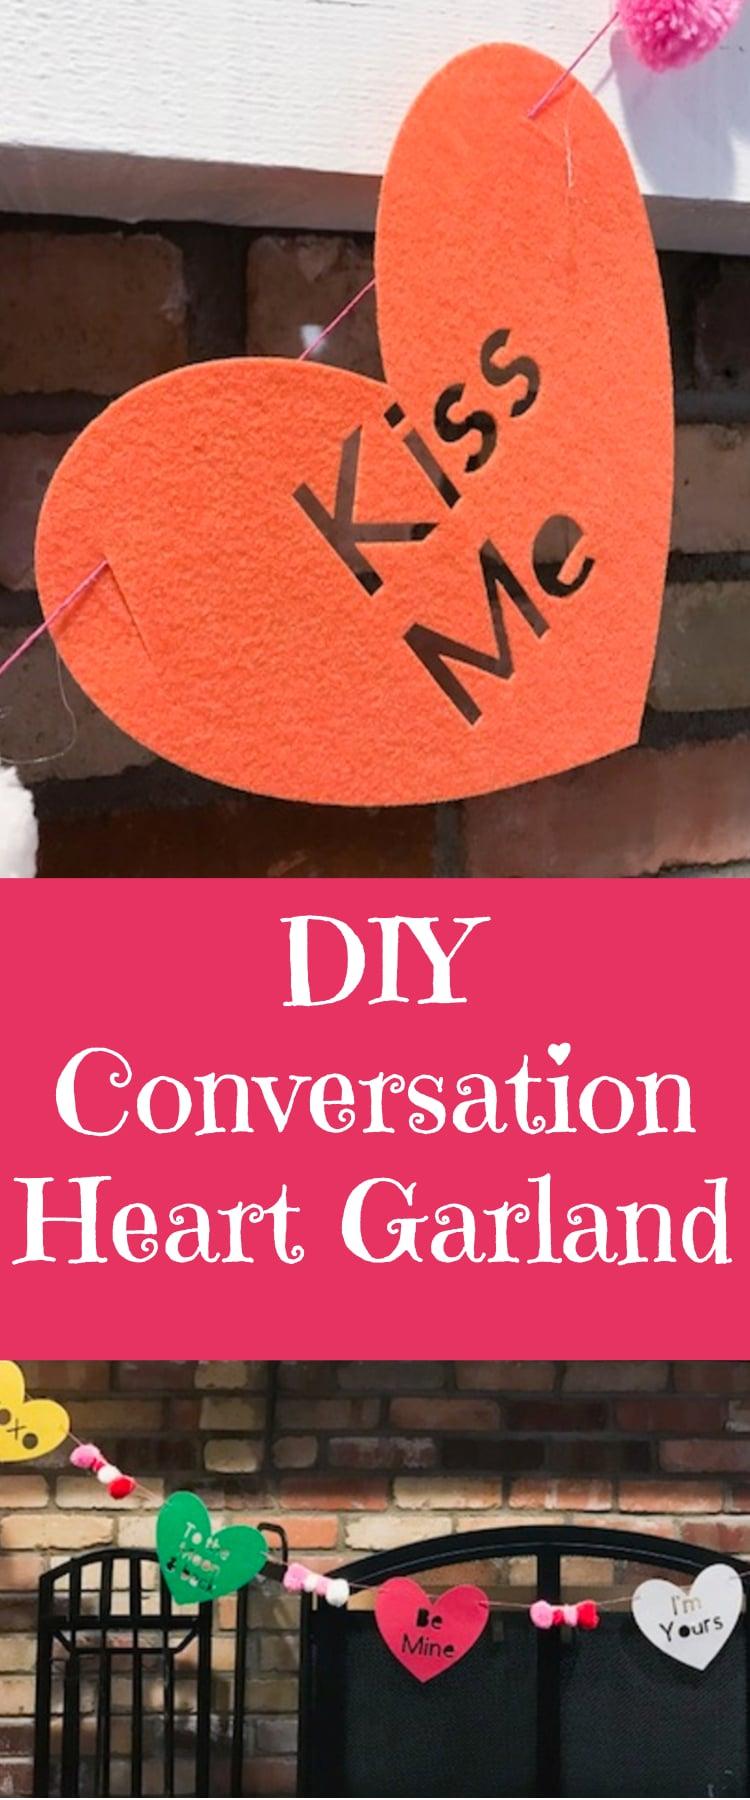 DIY Heart Garland / Cricut Garland / Cricut Valentine's Day / DIY Valentine's Day / #cricut #cricutmaker #cricutvalentines #DIY